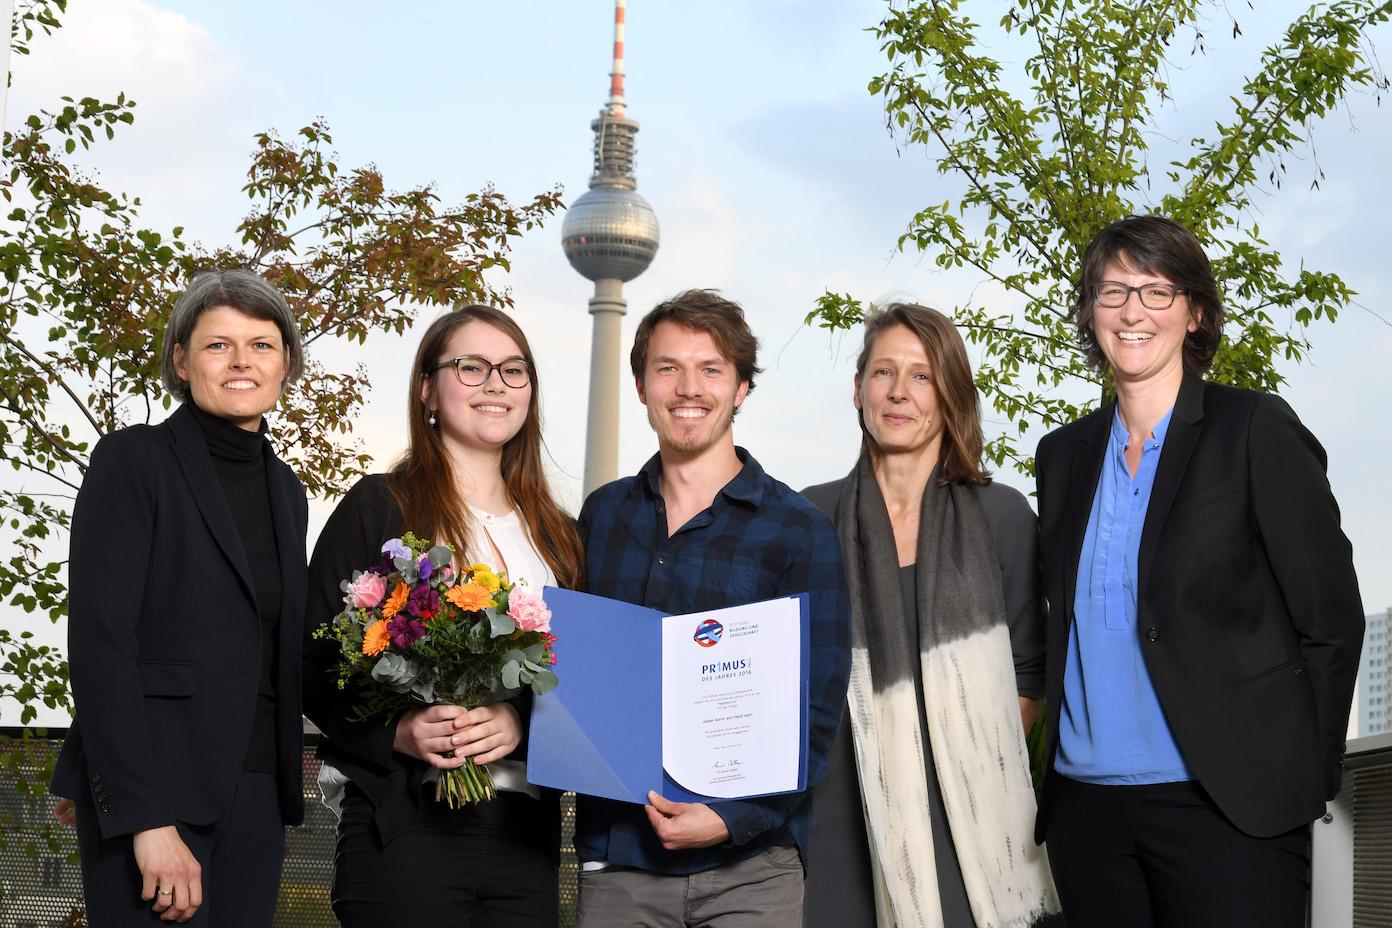 Primus-Preis des Jahres 2016 für brandenburgische Erste-Hilfe-Initiative